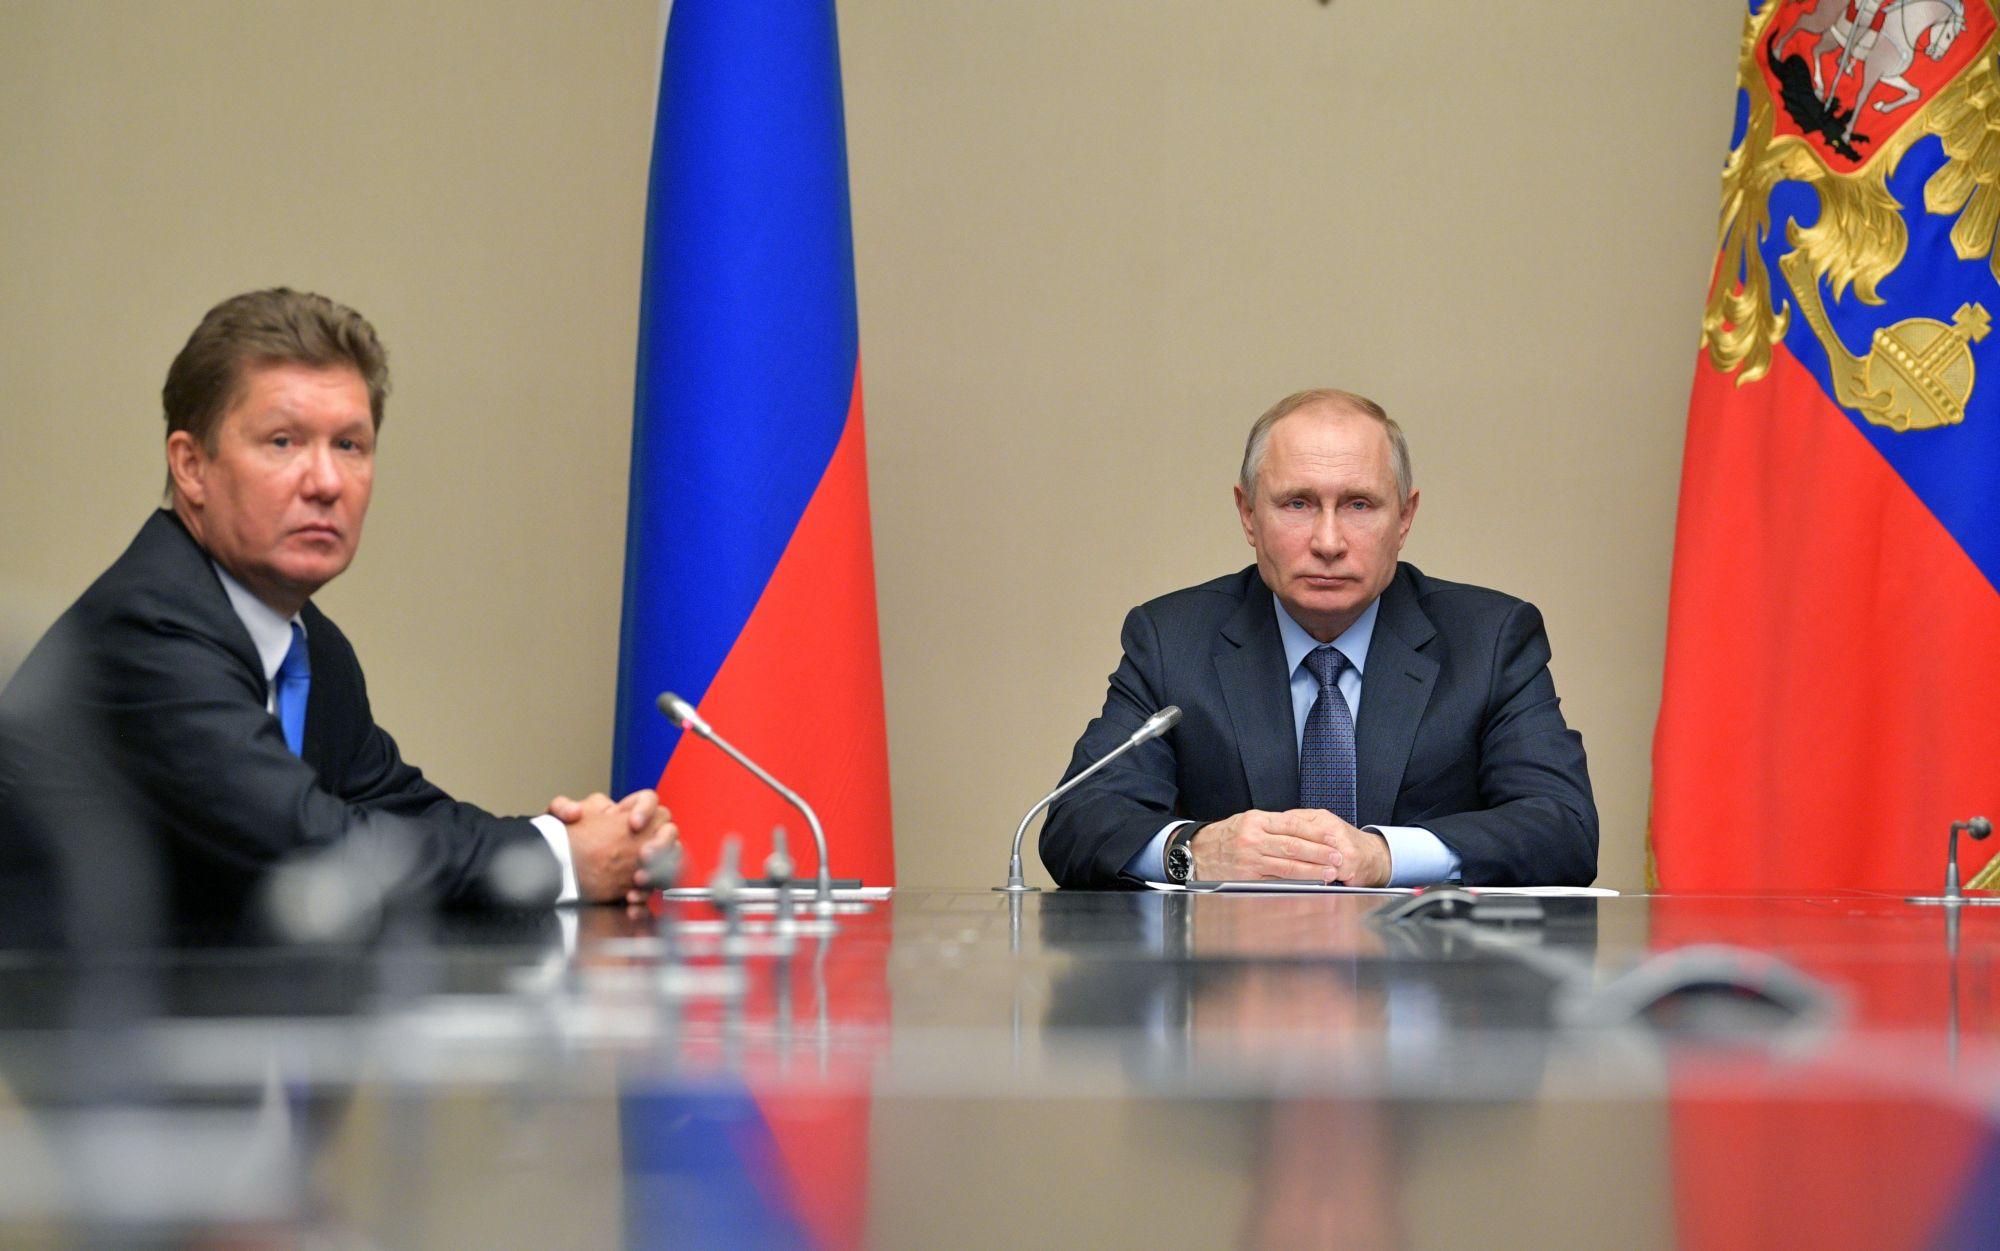 Az orosz elnök Vlagyimir Putyin és a Gazprom vezérigazgatója, Alekszej Miller a Novo Ogaryovoban található állami rezidencián, 2018. február 16-án. EPA/ALEXEI DRUZHININ / SPUTNIK / KREMLIN POOL MANDATORY CREDIT